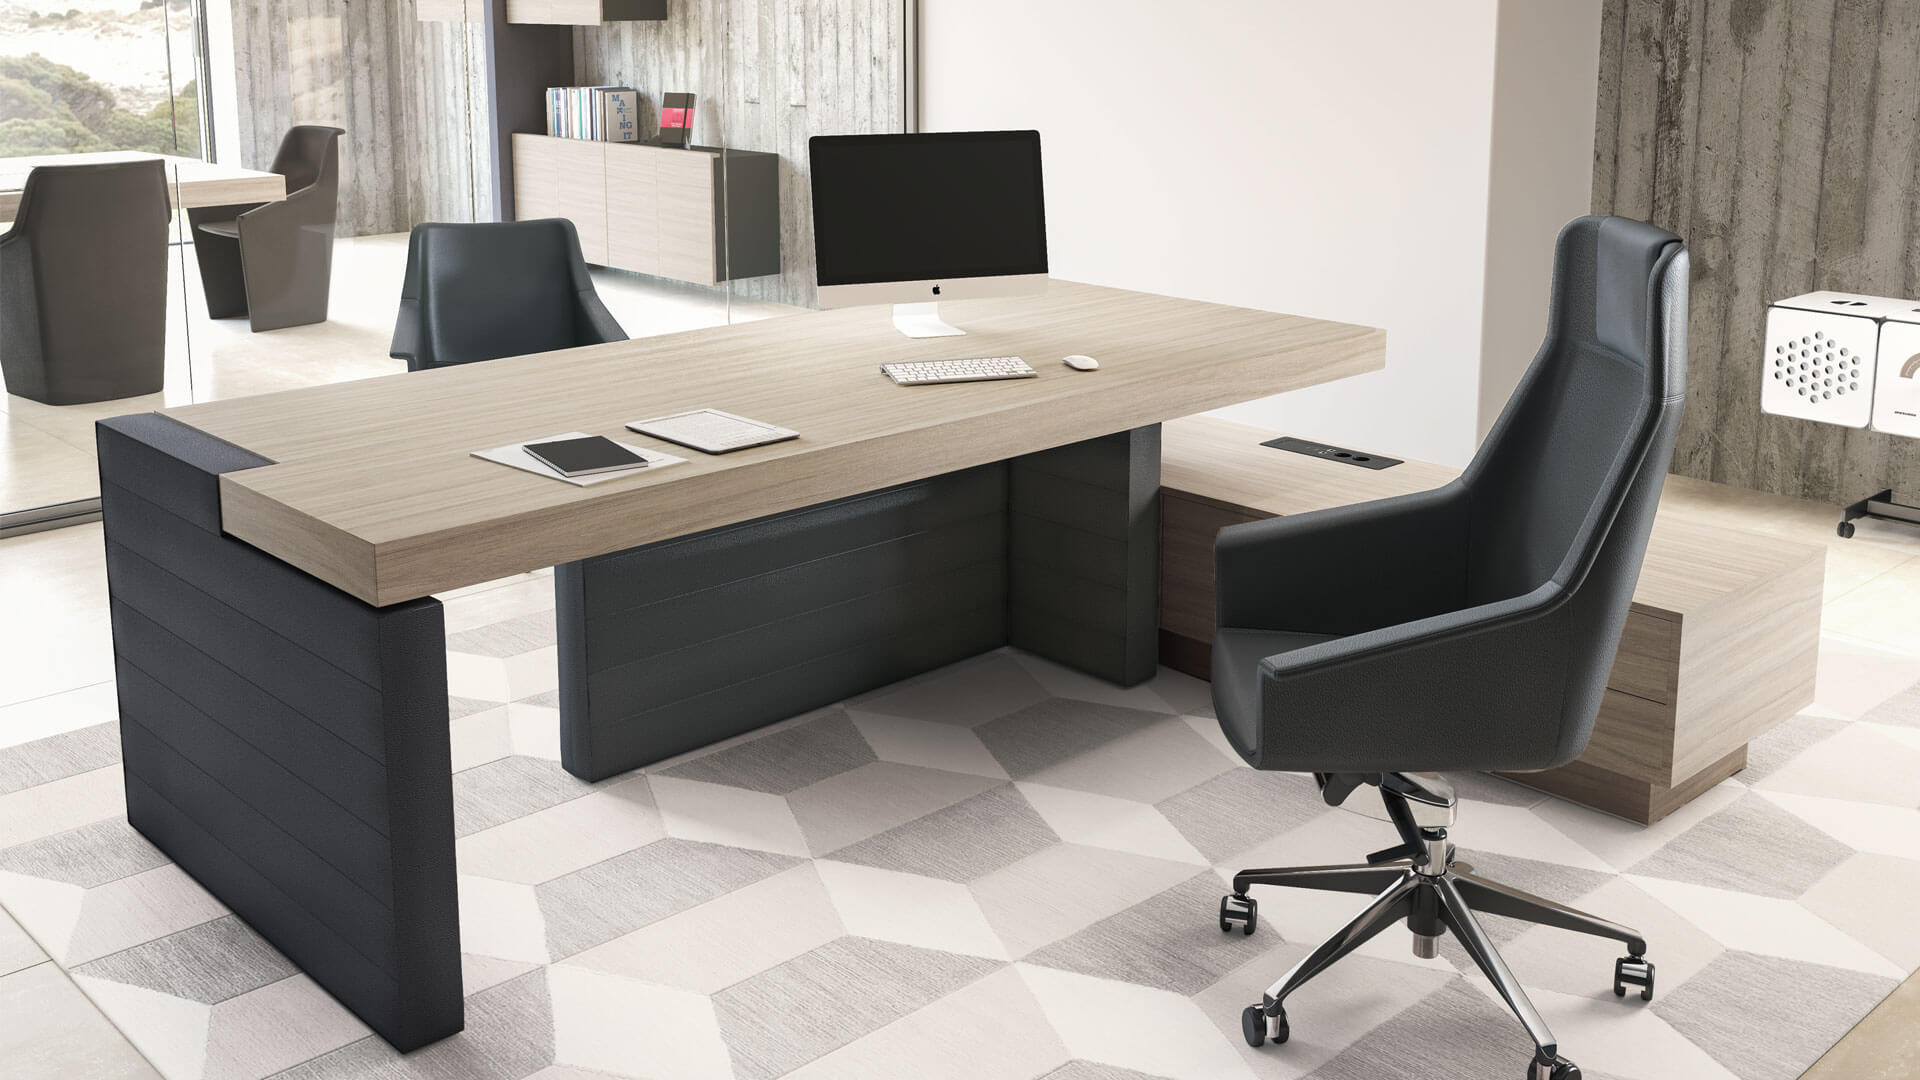 Mobili Per Ufficio Saronno : Icam mobili ufficio u idea d immagine di decorazione